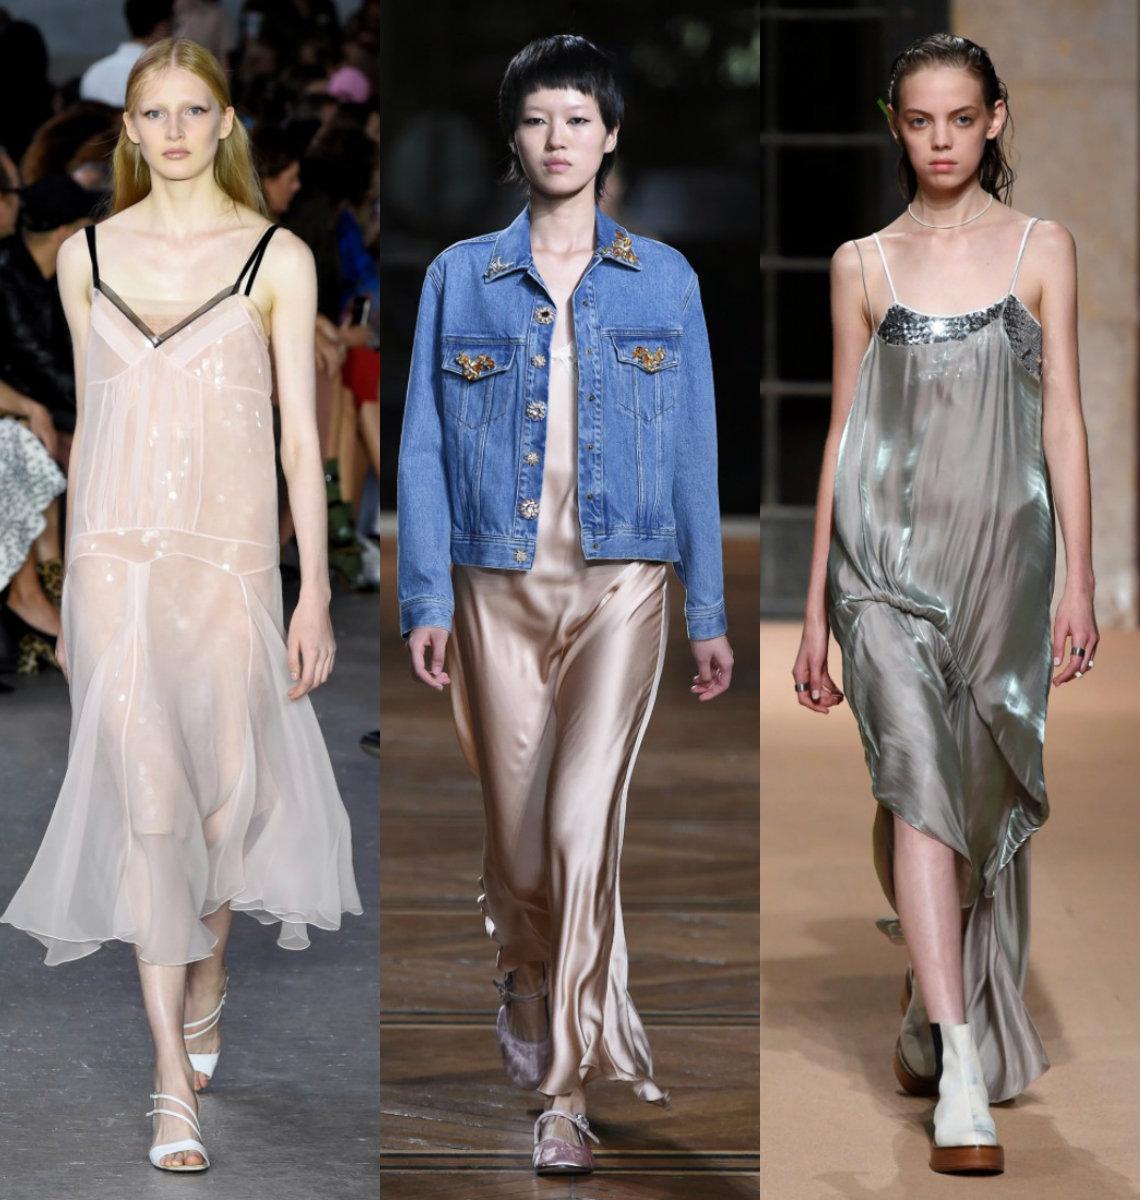 модные тенденции платьев 2019: бельеой стиль